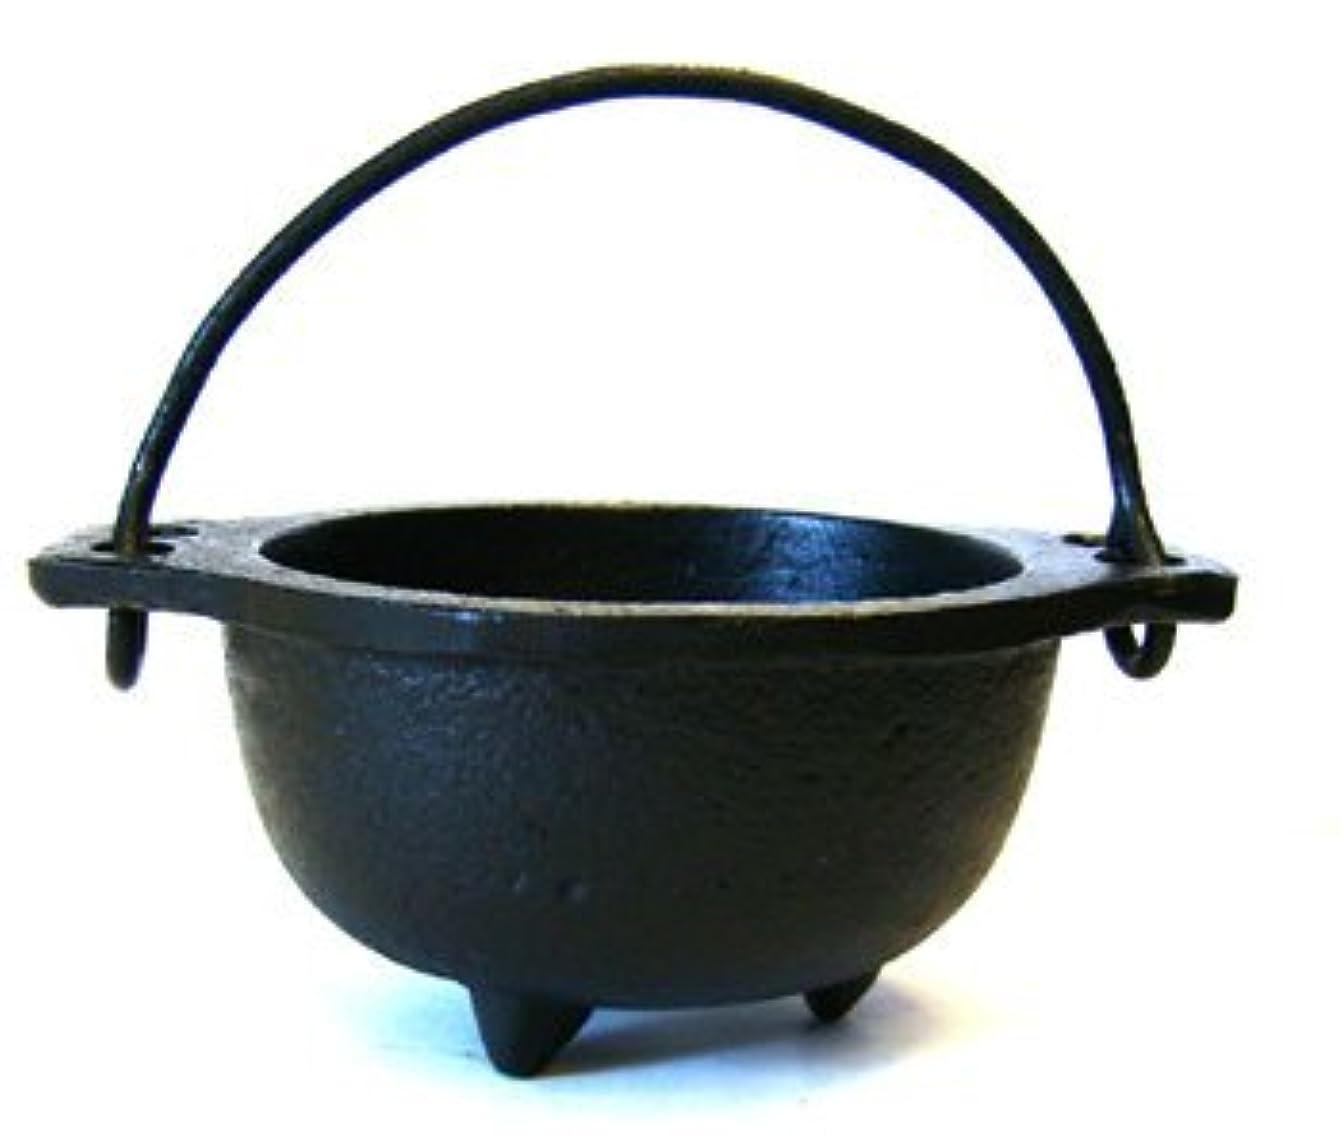 始めるリーガン物理(6.4cm Diameter) - Cast Iron Cauldron w/handle, ideal for smudging, incense burning, ritual purpose, decoration...